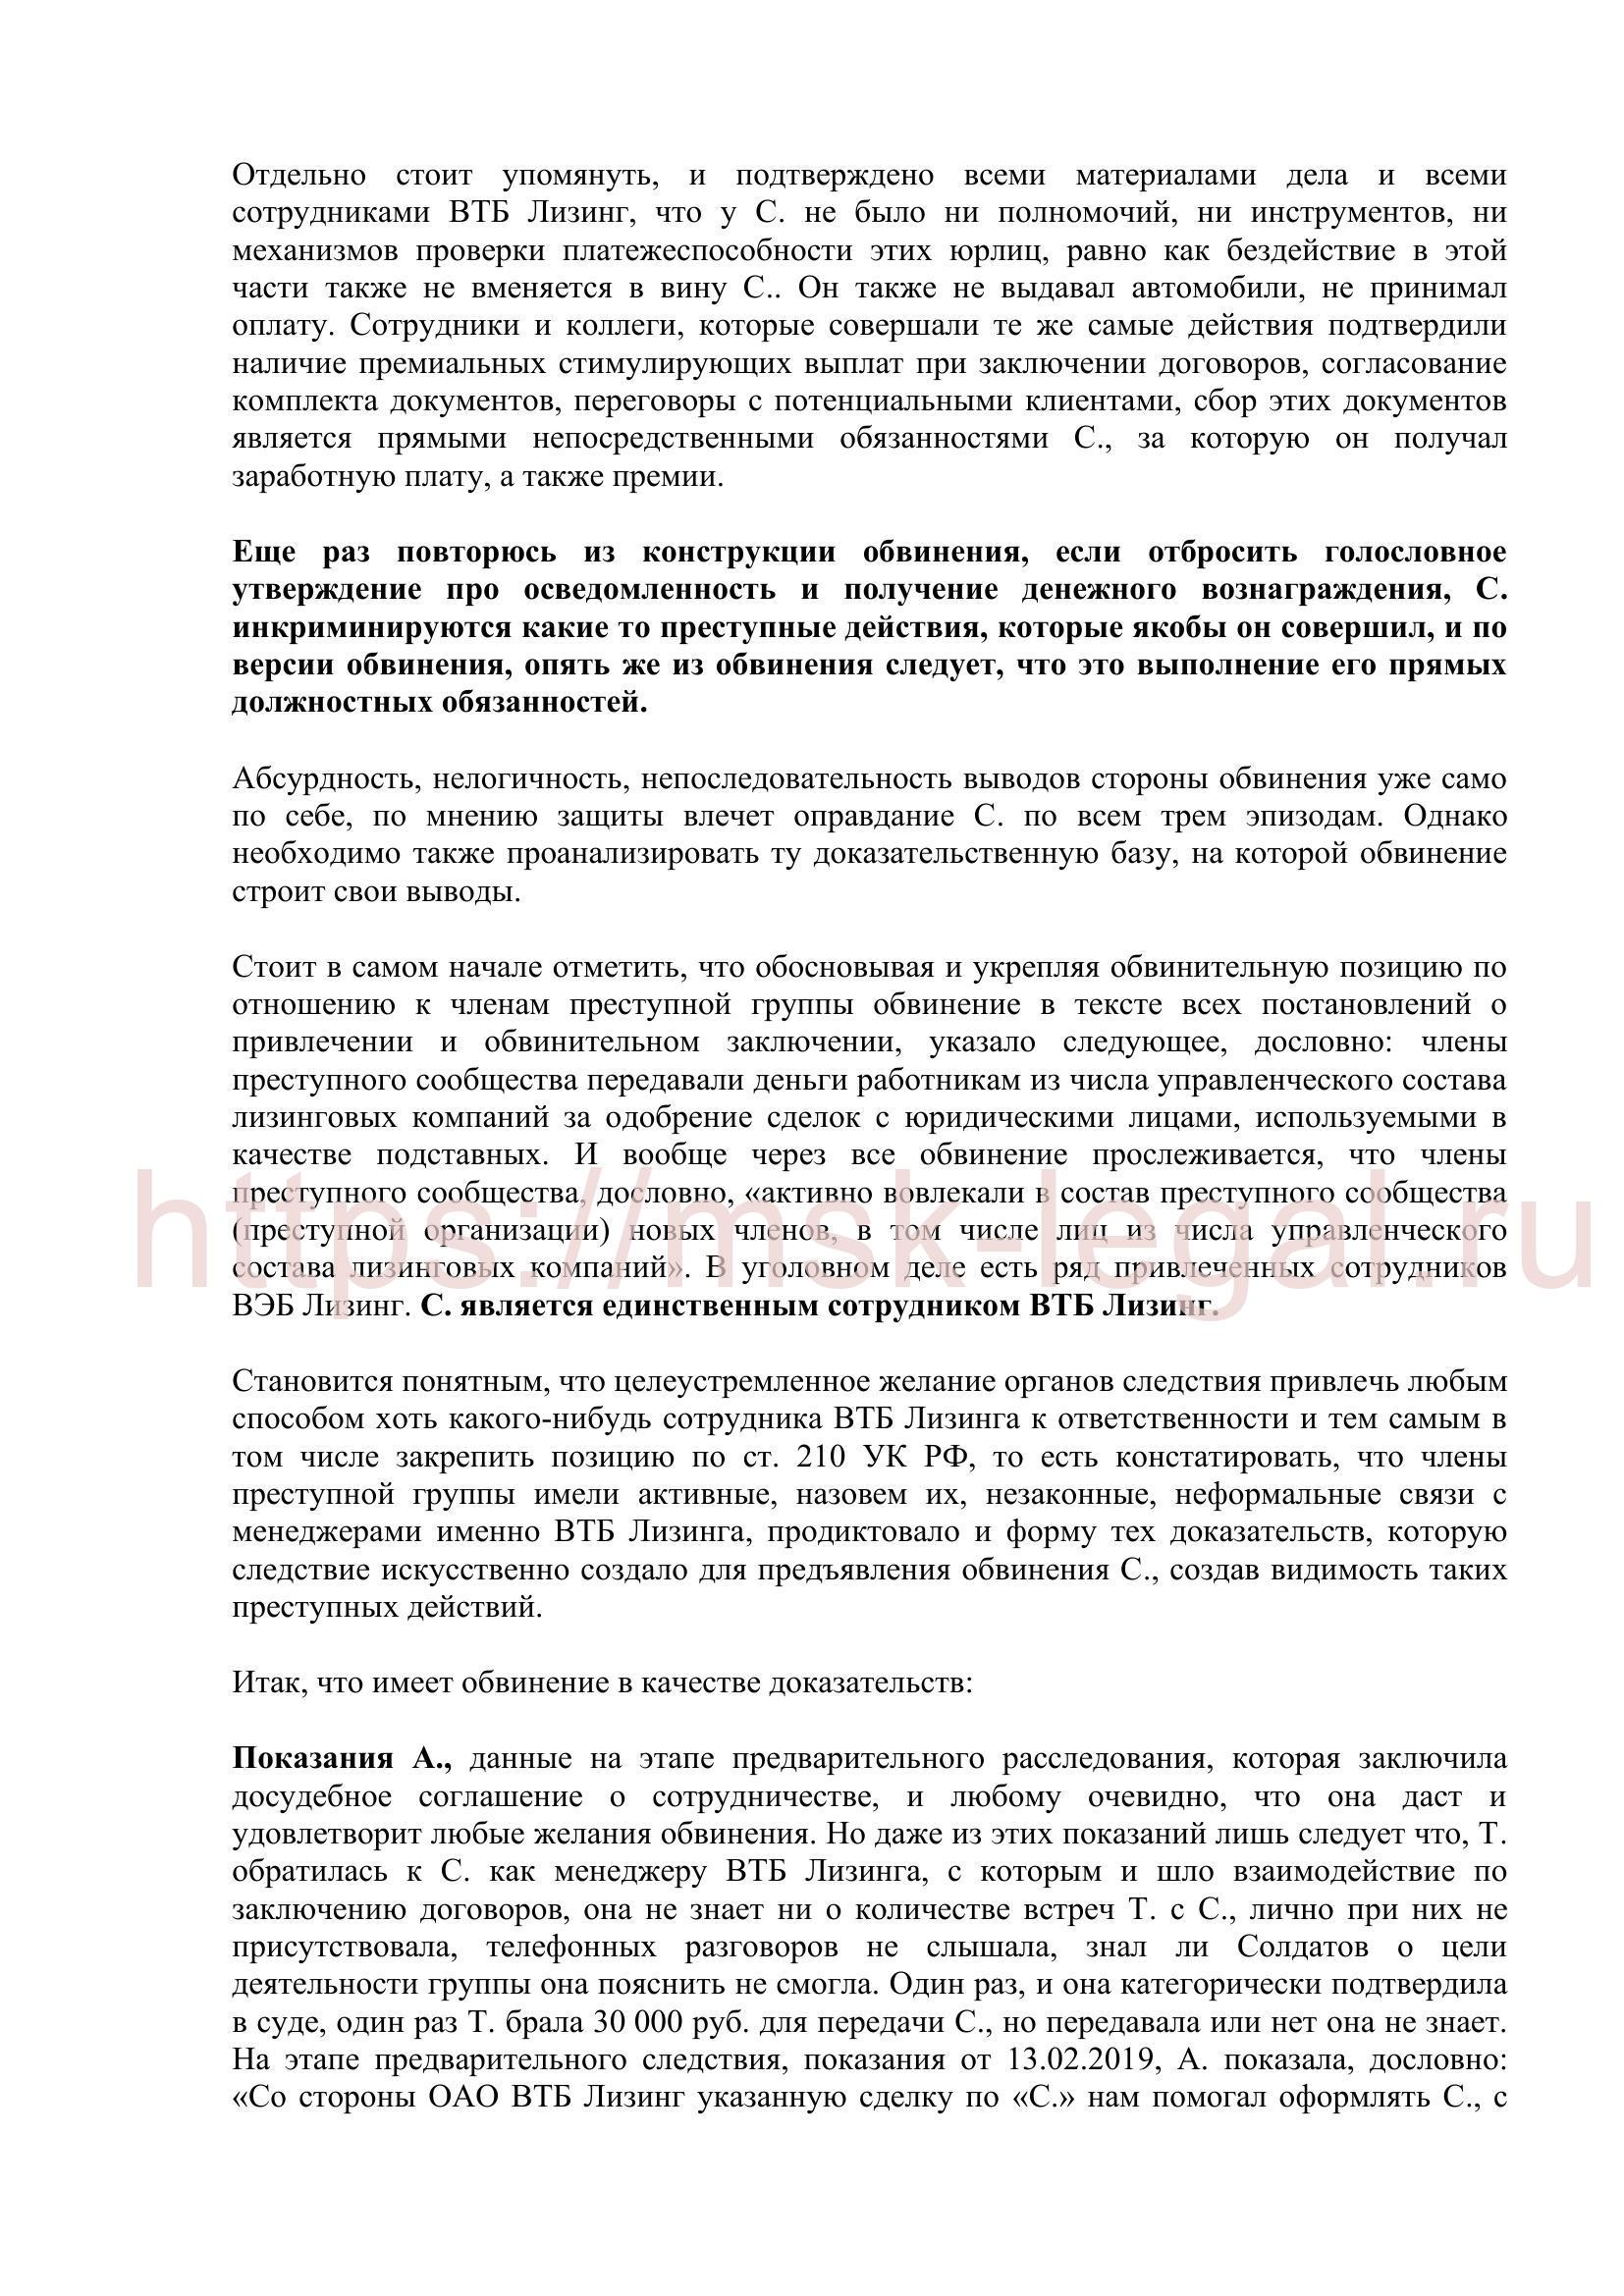 Прения адвоката Хоруженко А. С. по ст. 159 УК РФ